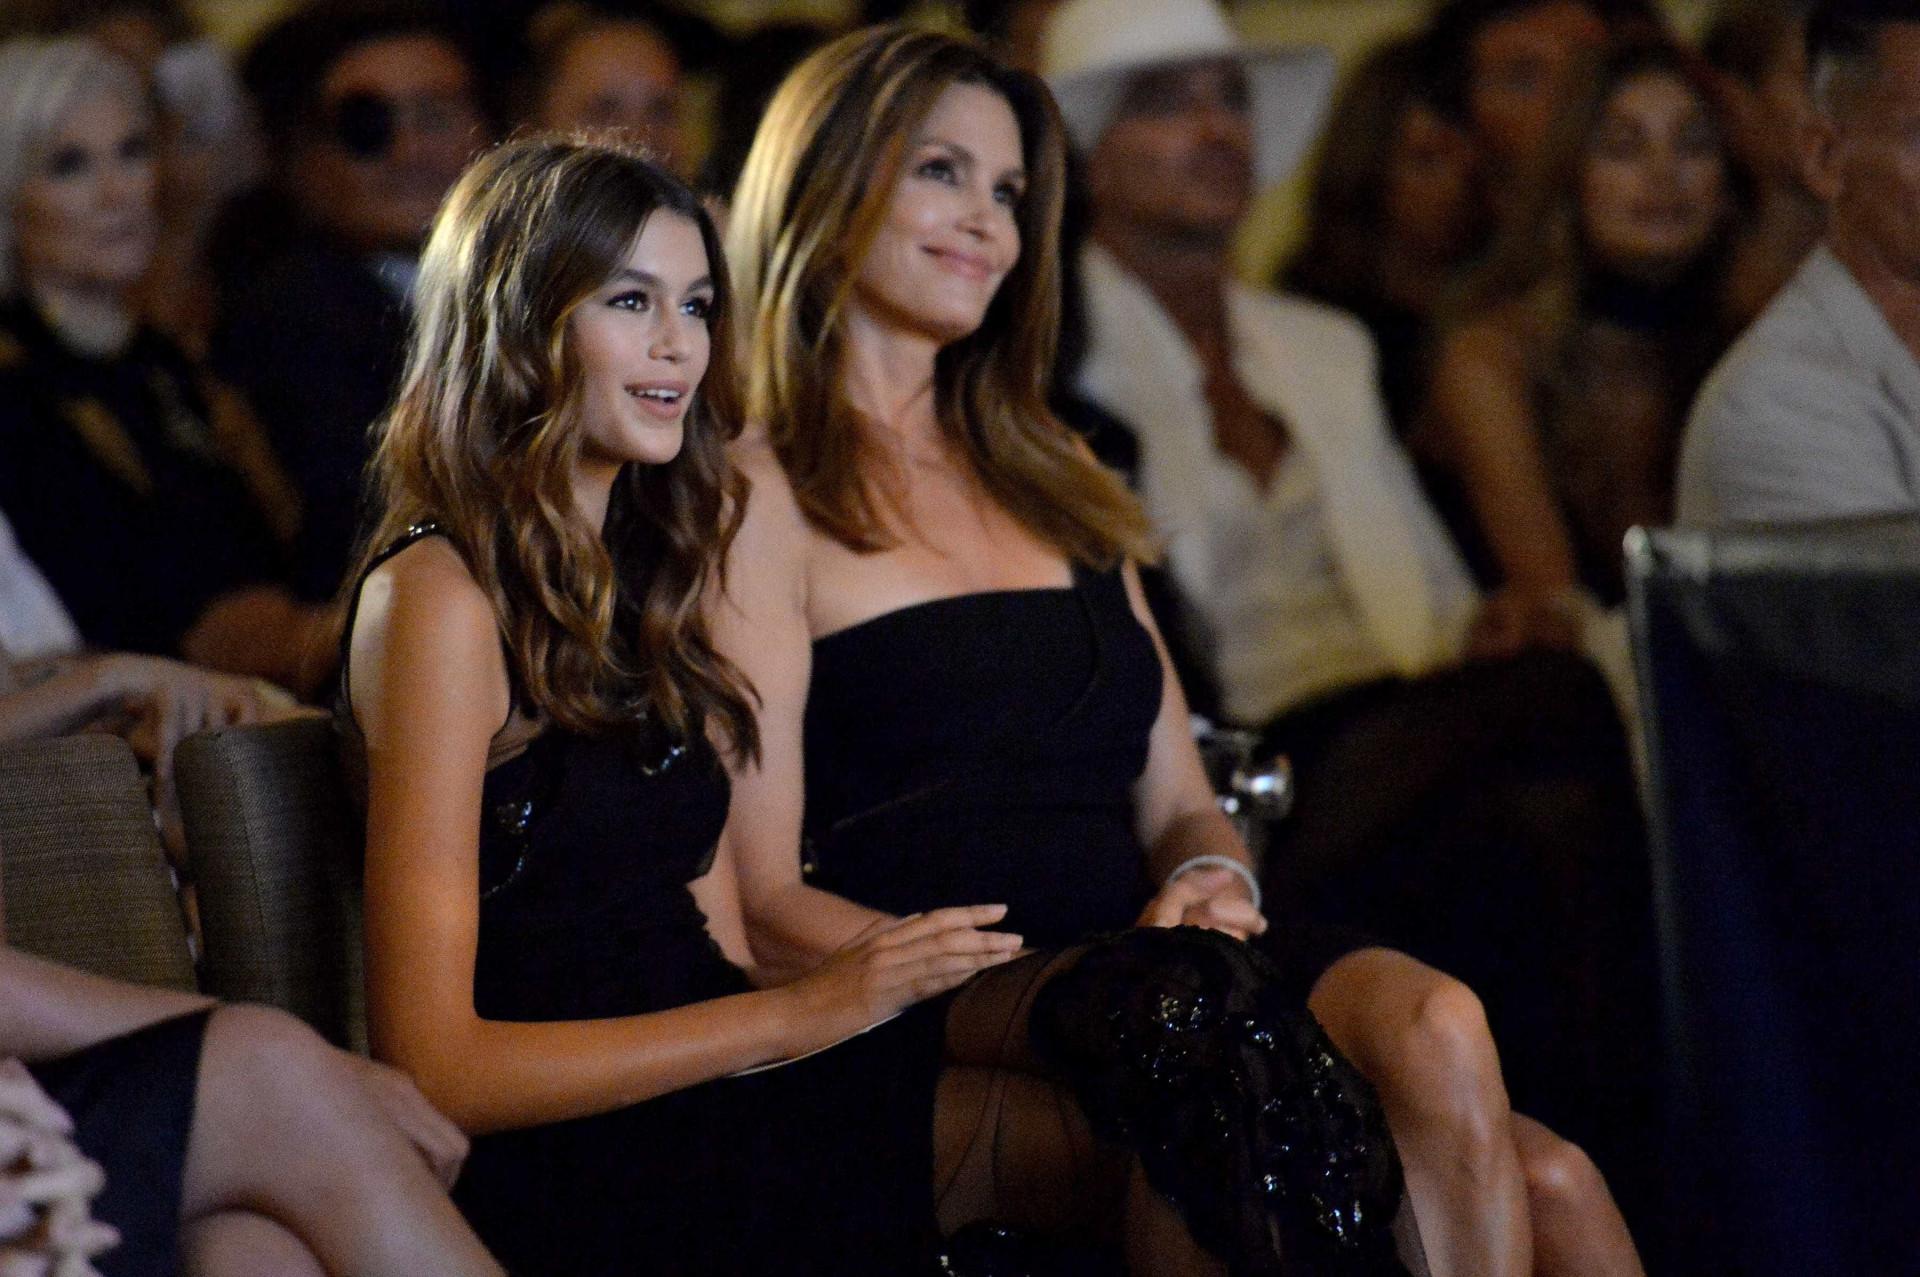 As filhas que herdaram o talento e a beleza das mães